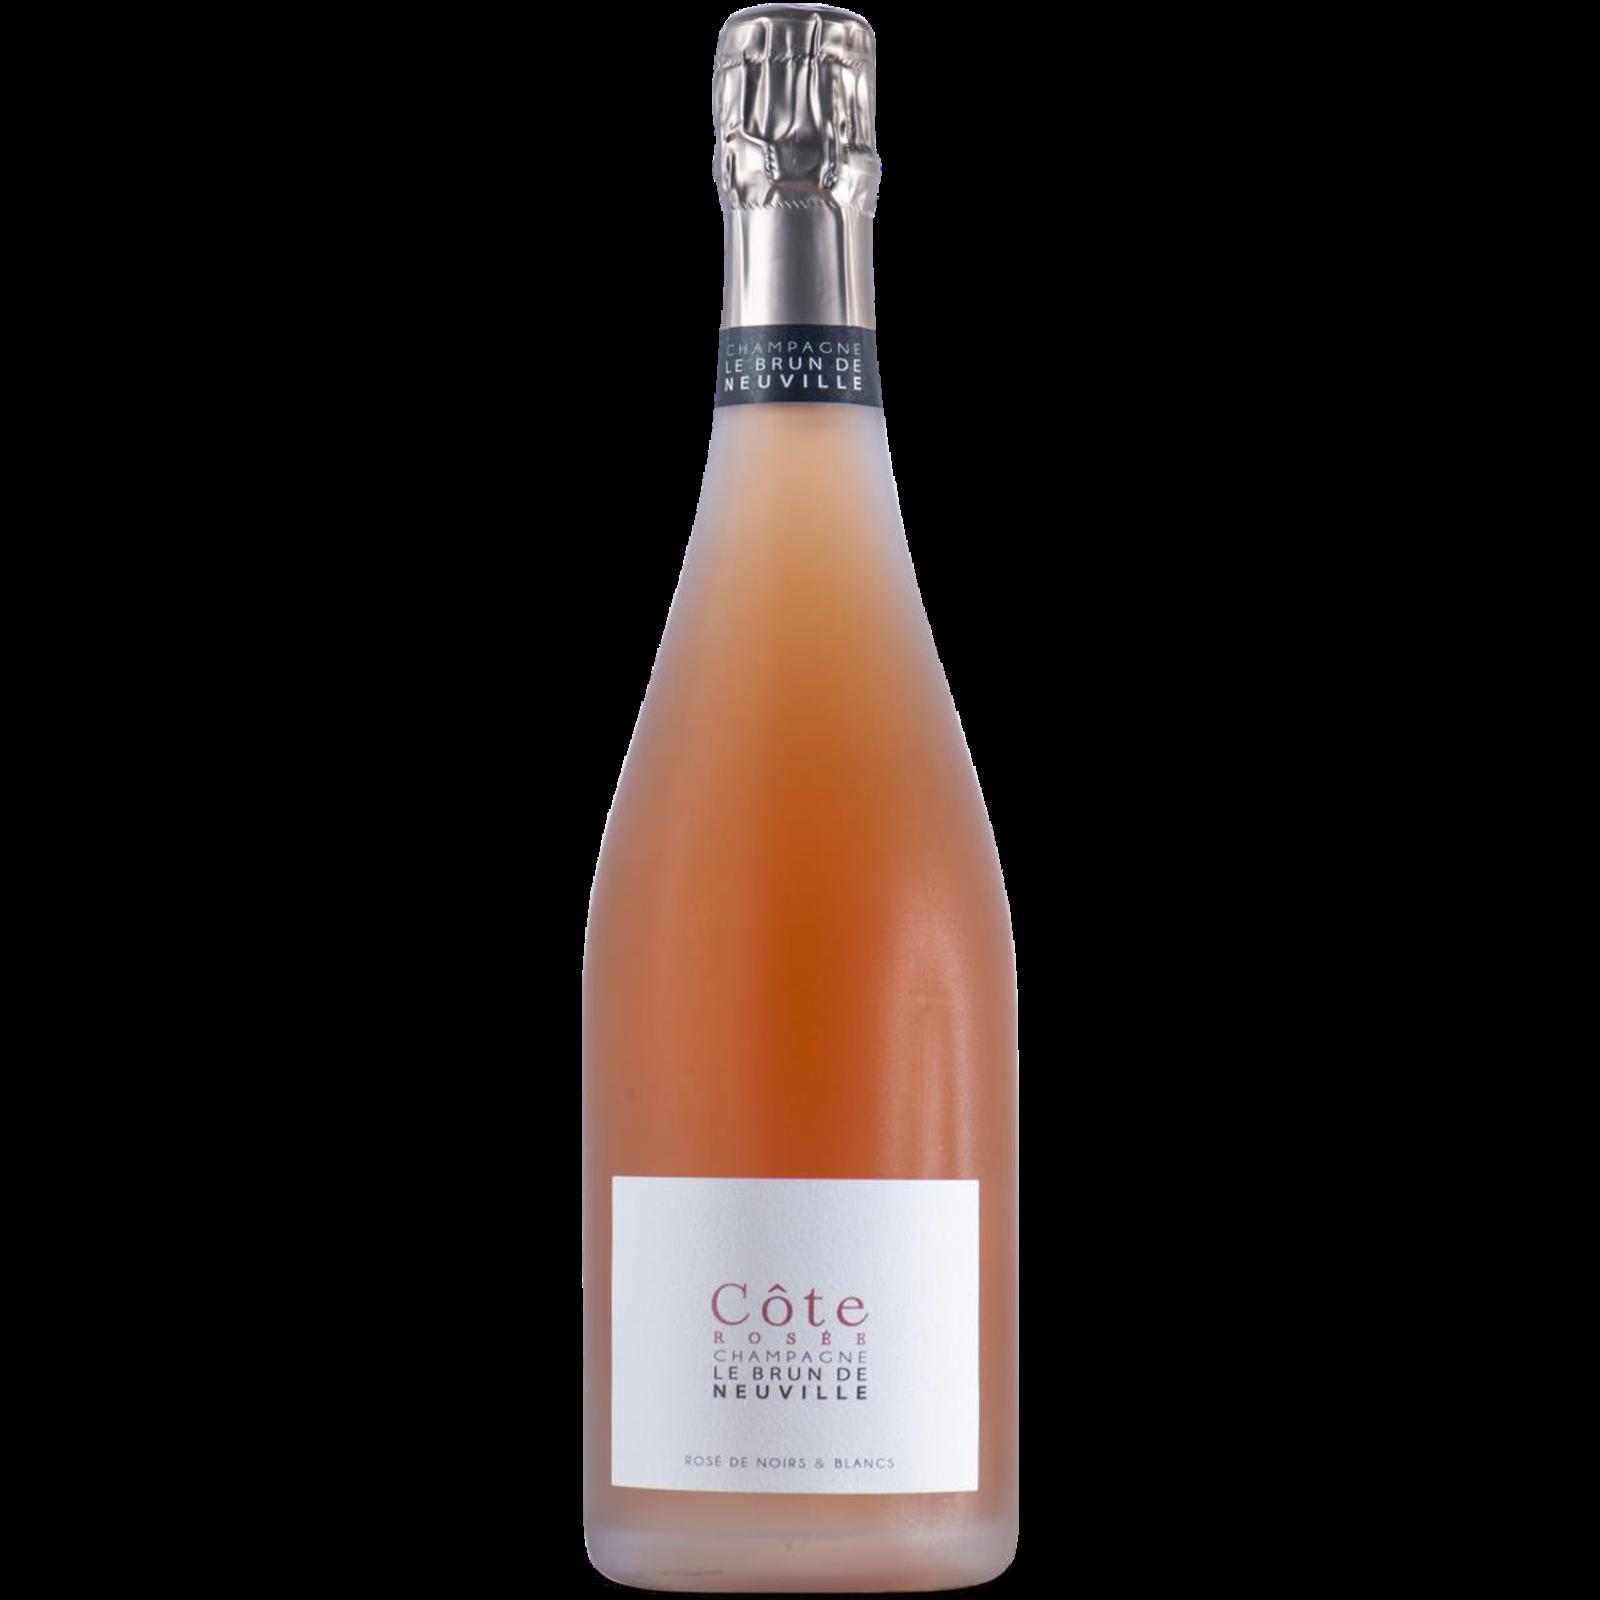 Le Brun de Neuville Le Brun de Neuville Champagne Côte Rosée Brut